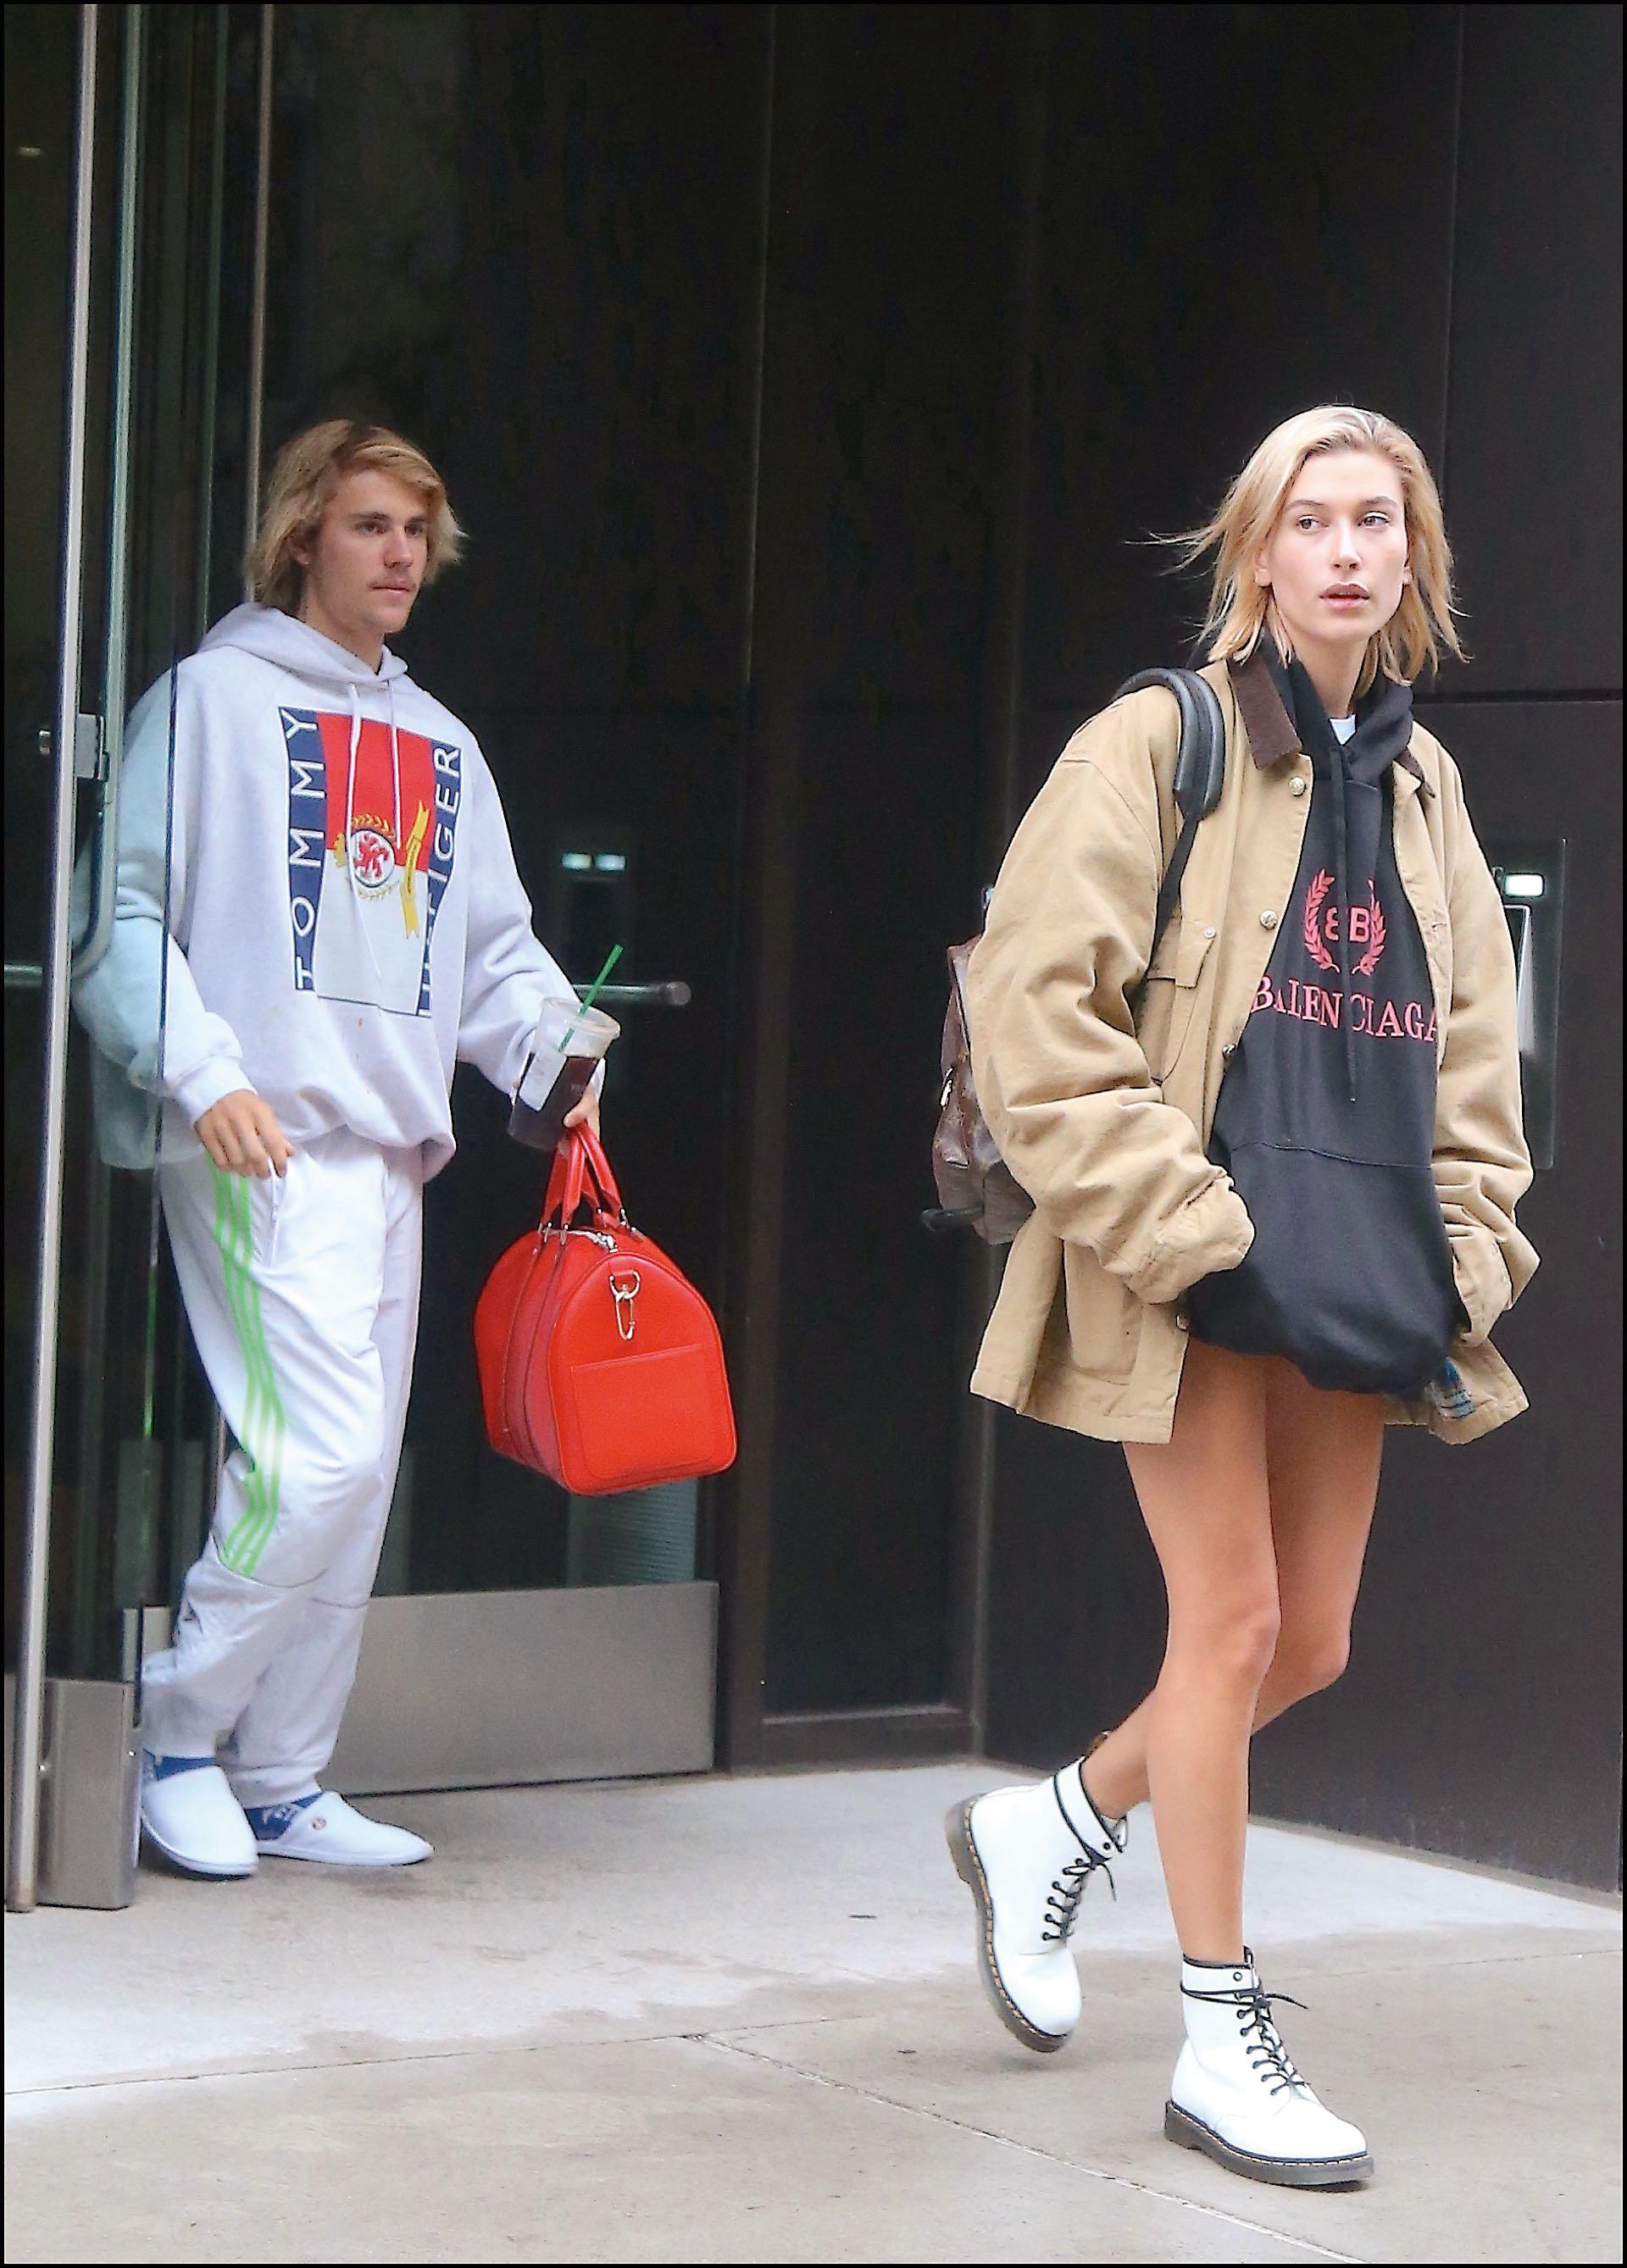 La top model y el dueño del hit Baby apuestan por prendas sport. Él las lleva con pantuflas y medias deportivas; ella con borcegos.